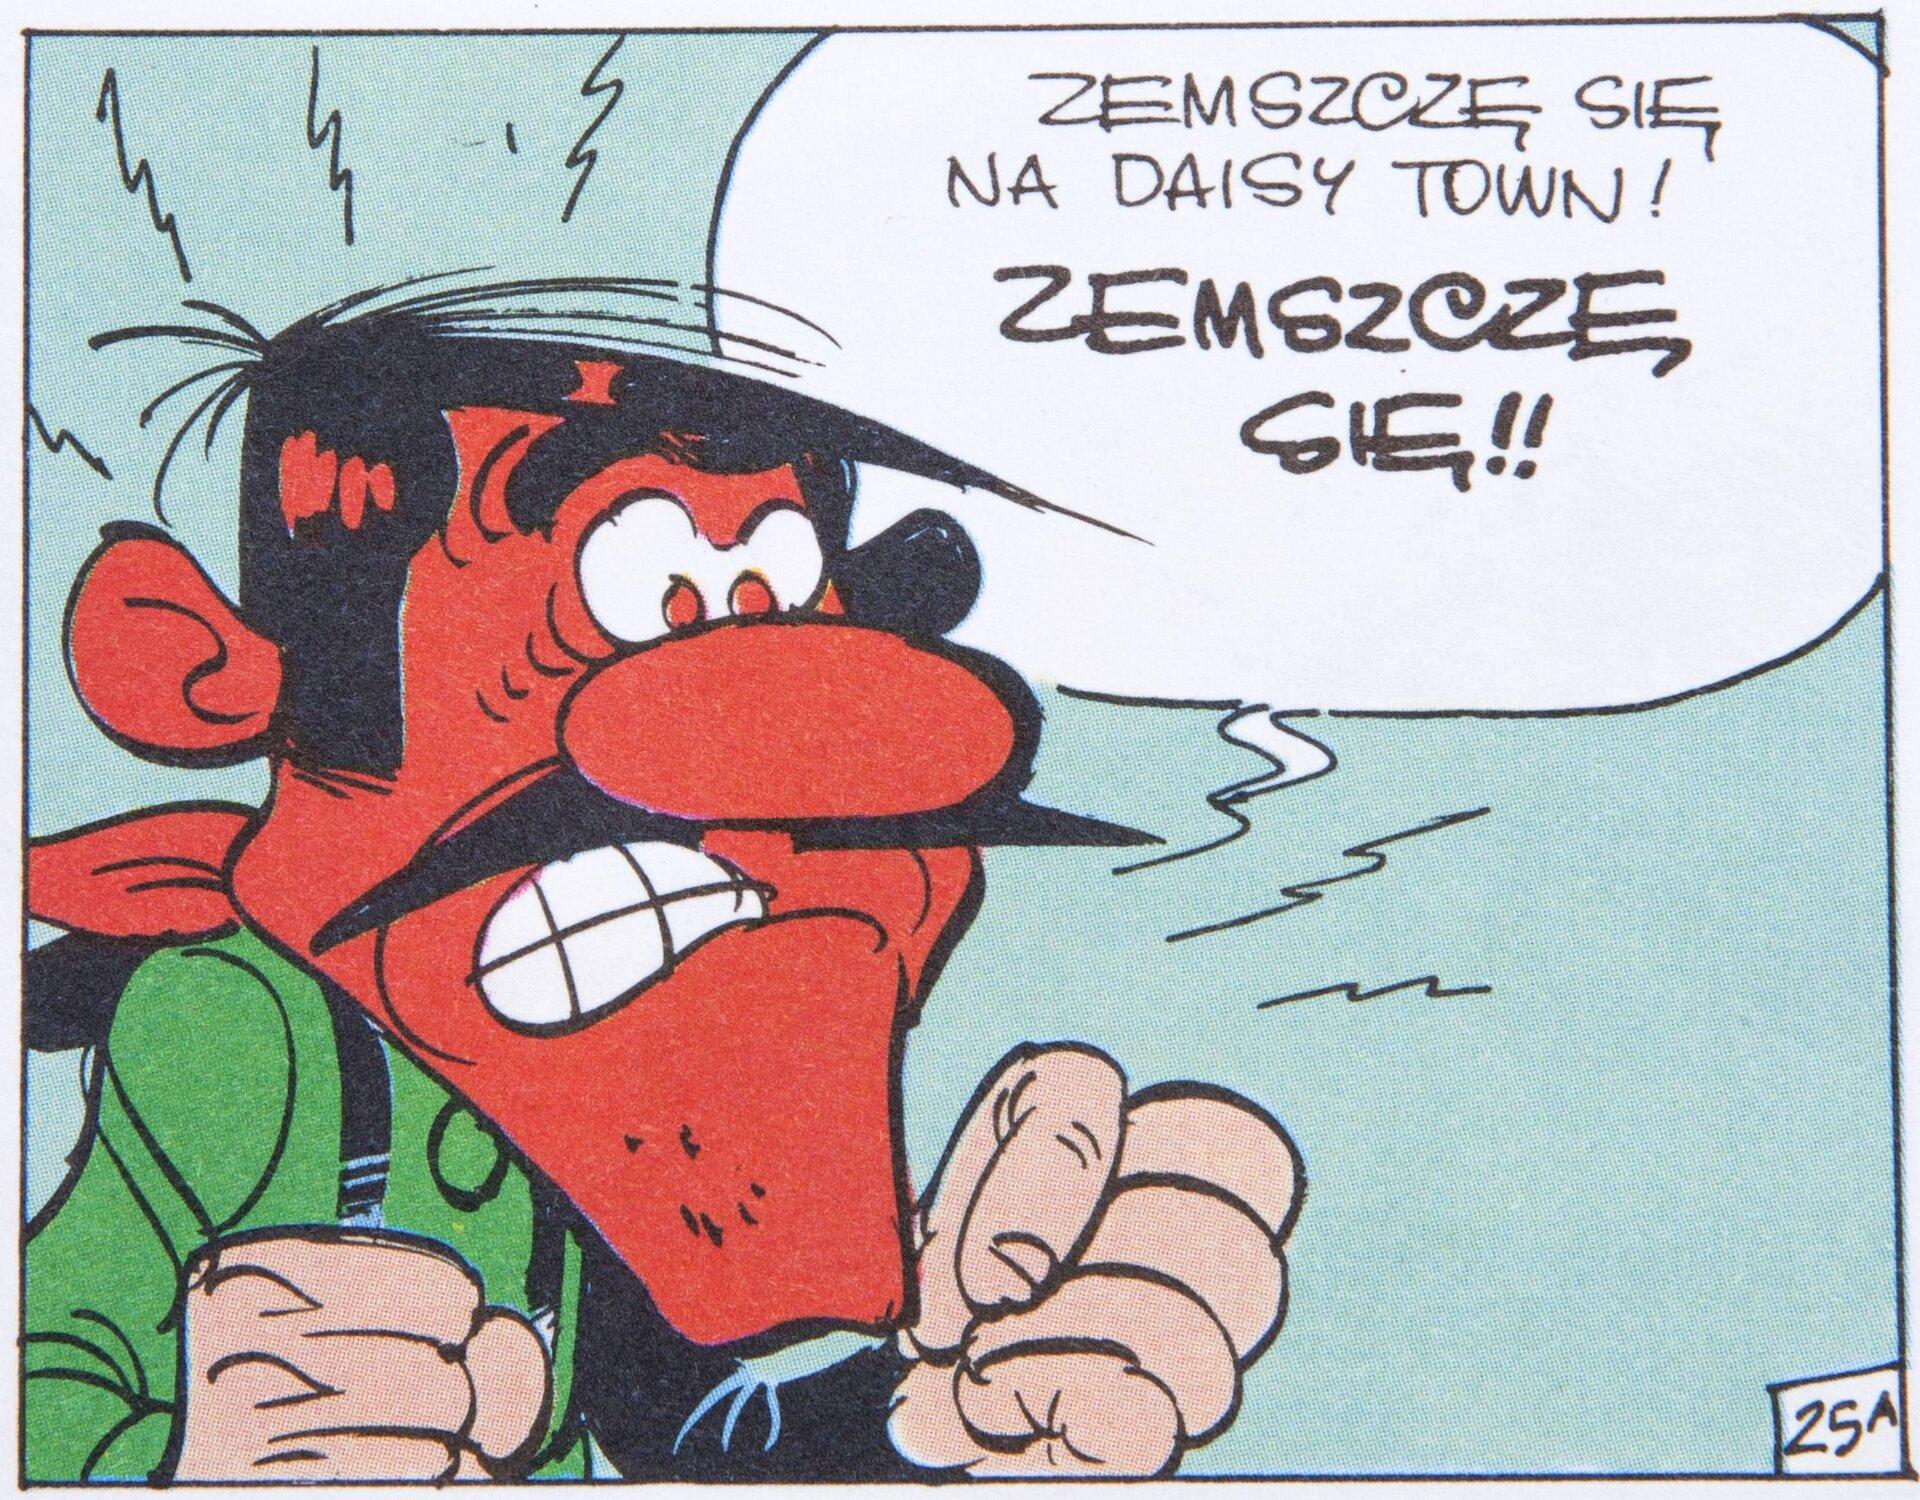 """Ilustracja przedstawia zdenerwowanego do czerwoności męzczyznę (Daltona, jednego zgłównych czarnych charakerów zkomiksu Lucky Luck), który wypowiada słowa: """"Zemszczę się na Daisy Town! Zemszczę Się!!"""""""